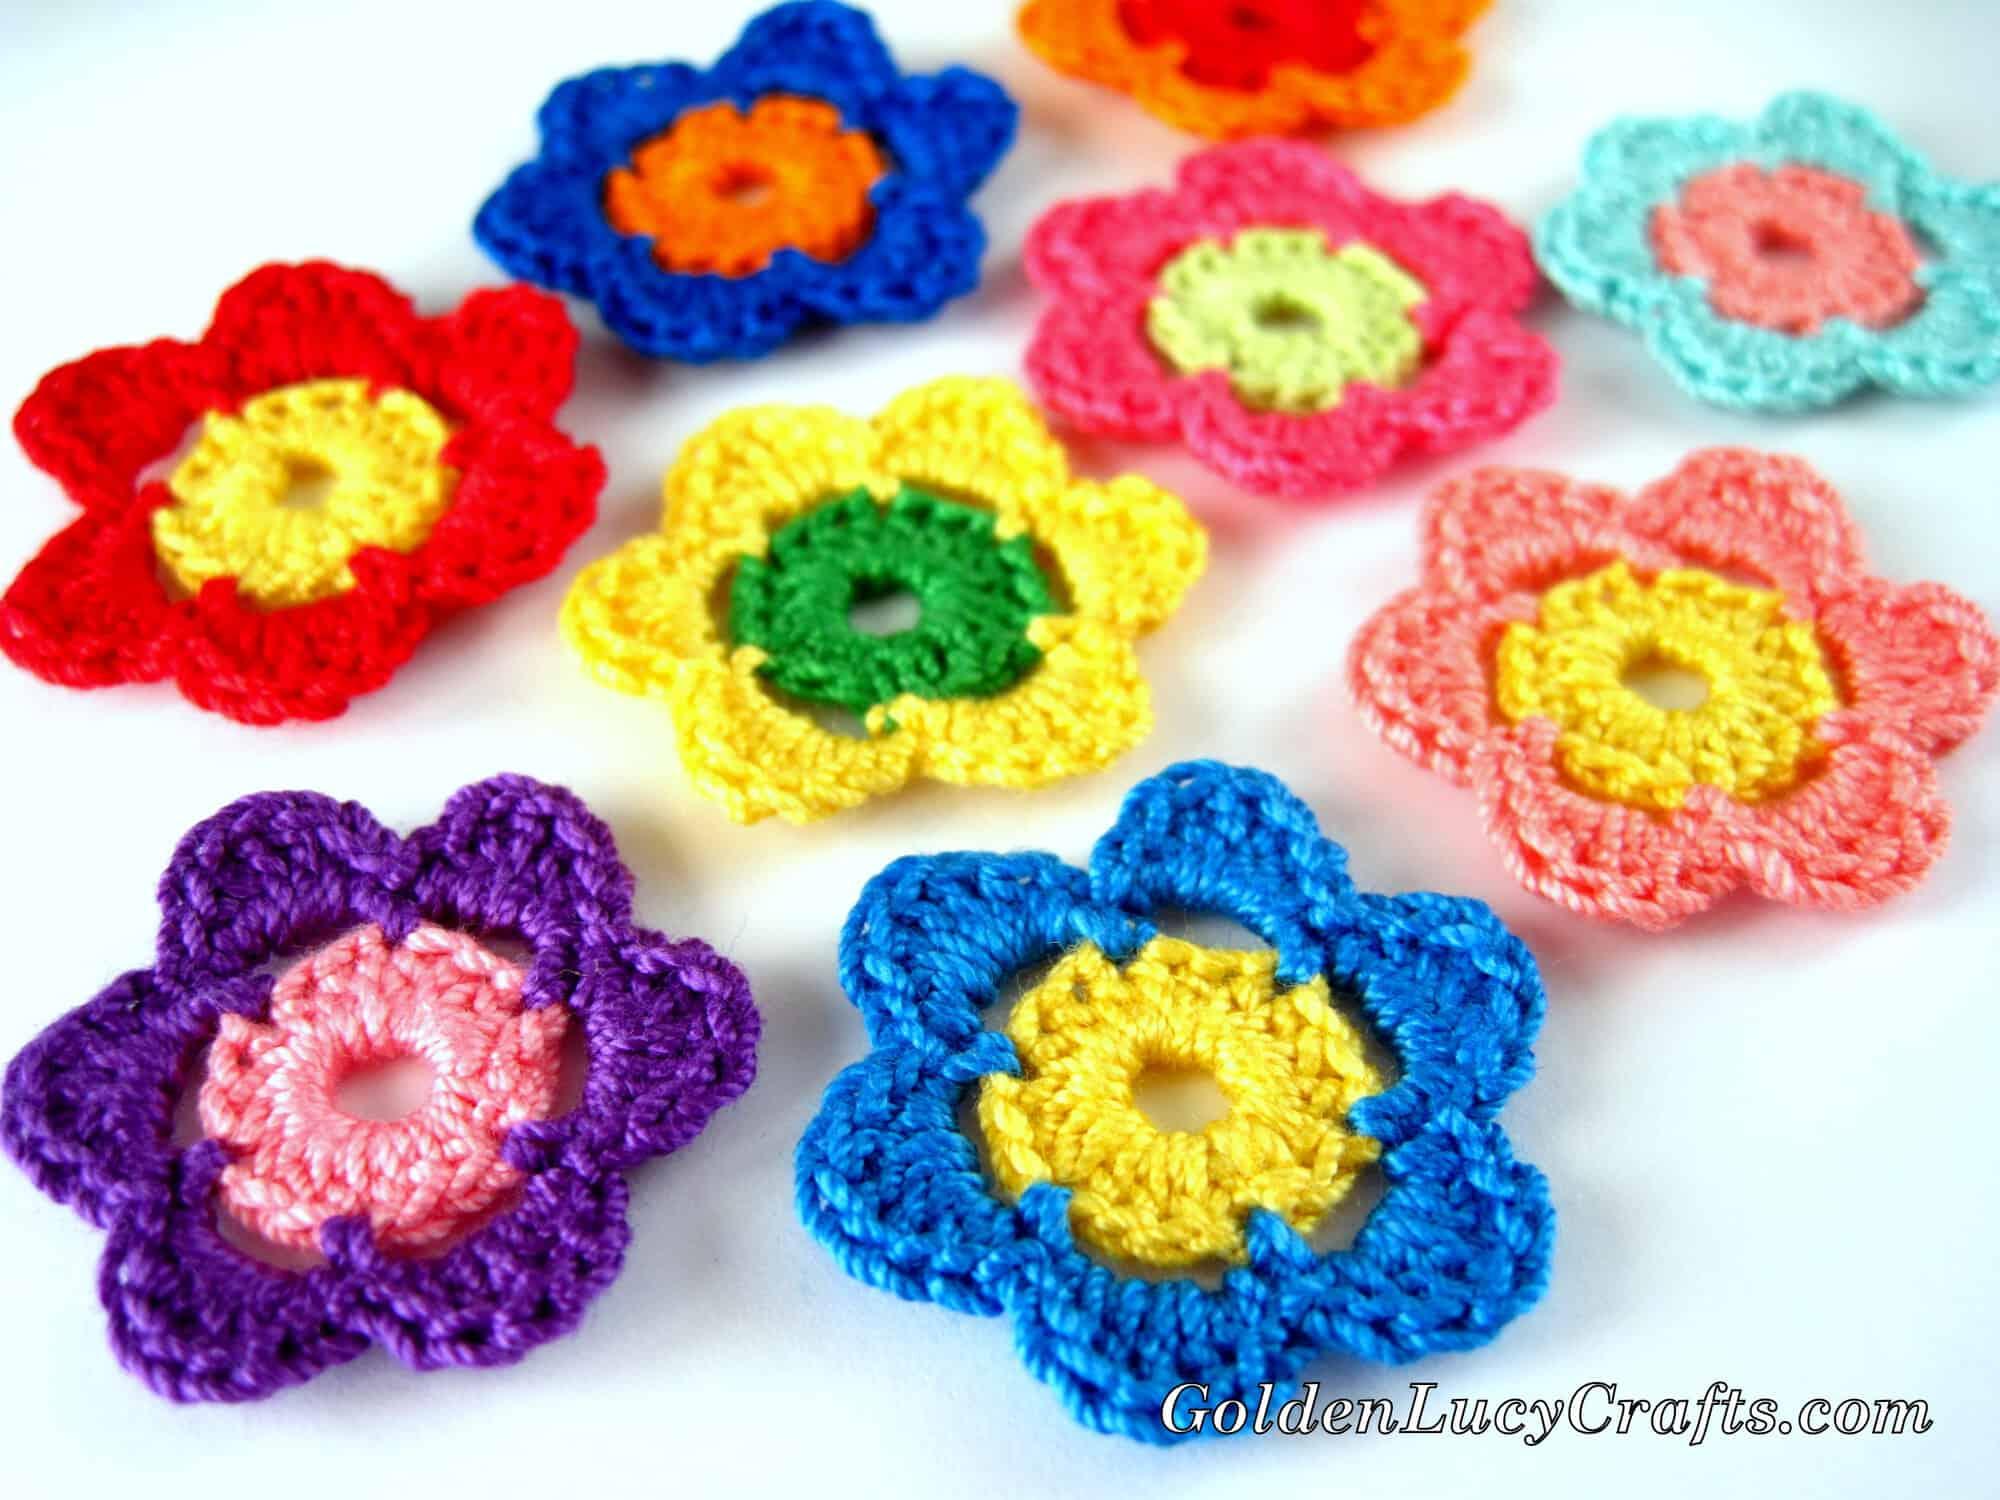 Easy Crochet Flowers Applique Free Crochet Pattern Goldenlucycrafts